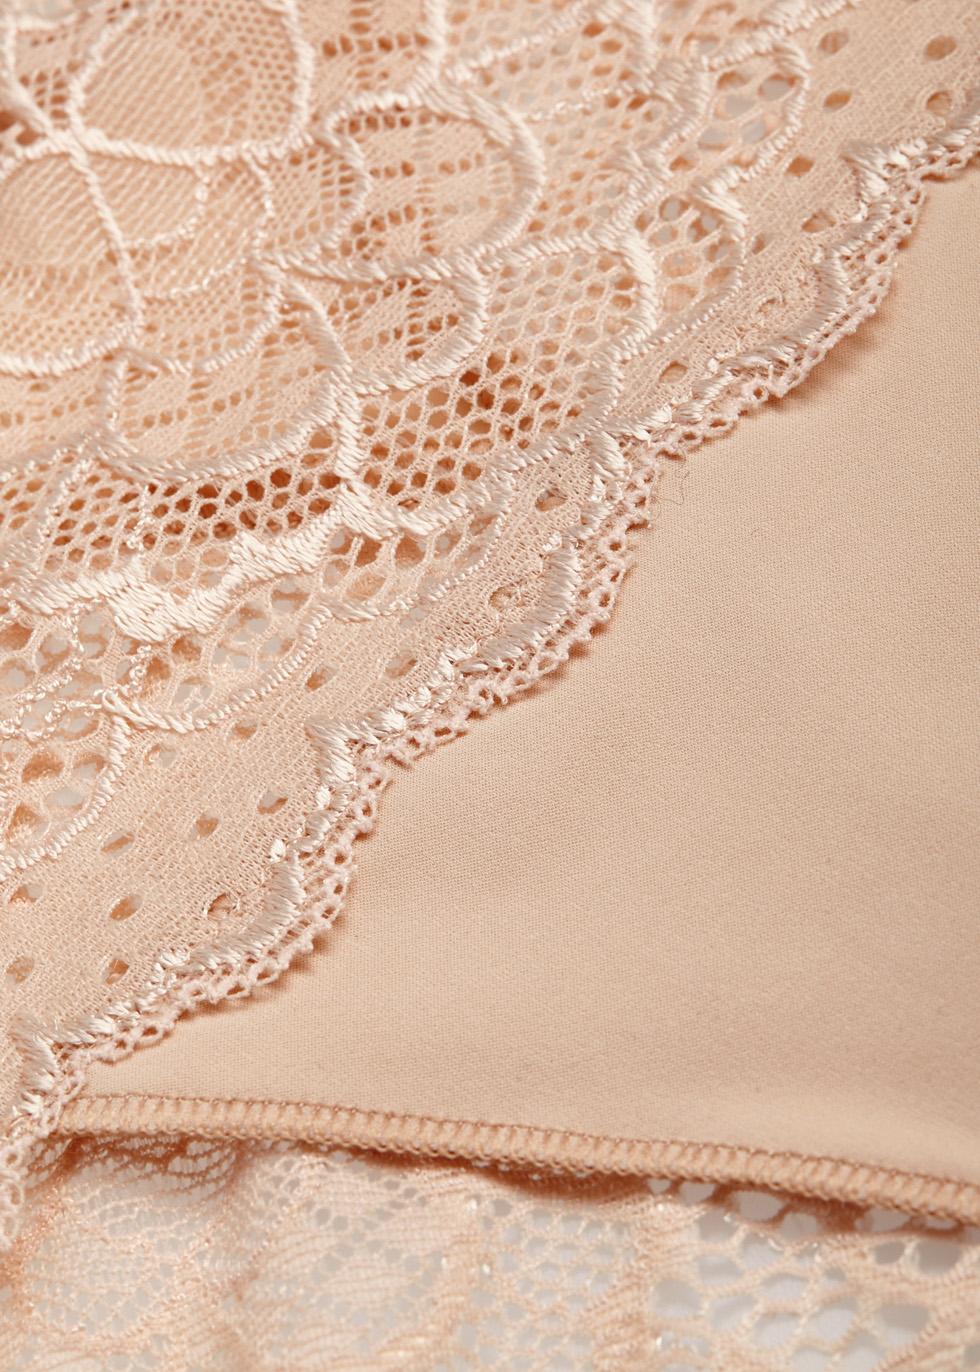 Caresse blush lace briefs - Simone Pérèle